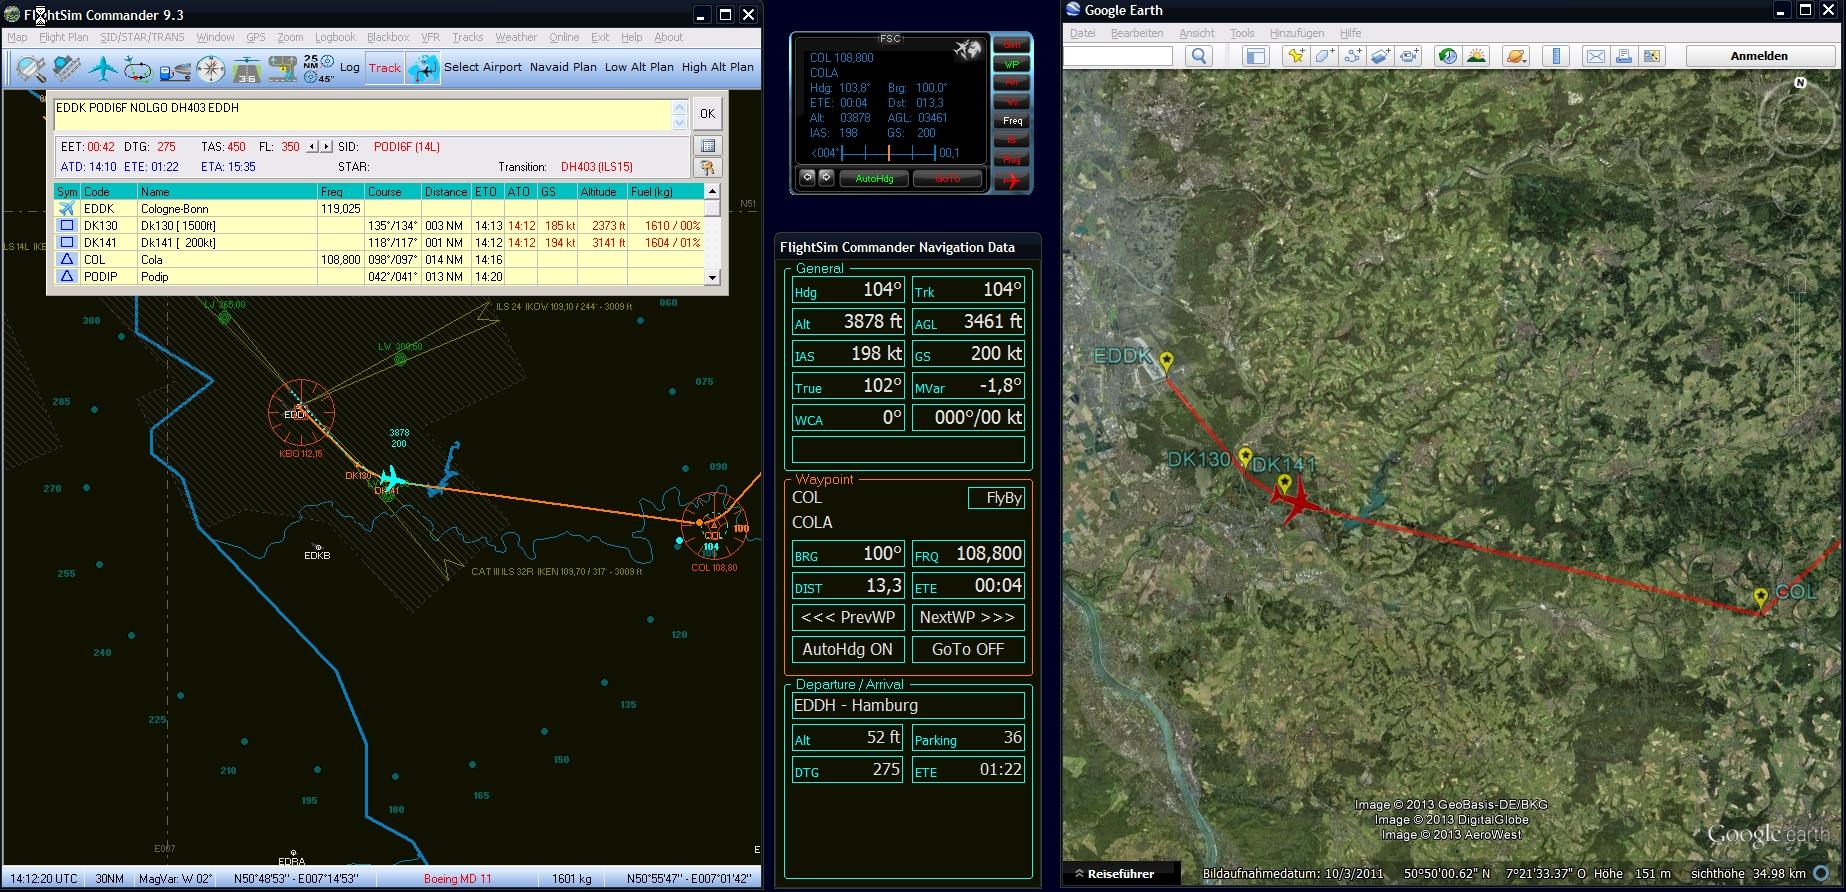 Vasoftware - Global Air Alliance - Virtual Airline FSX